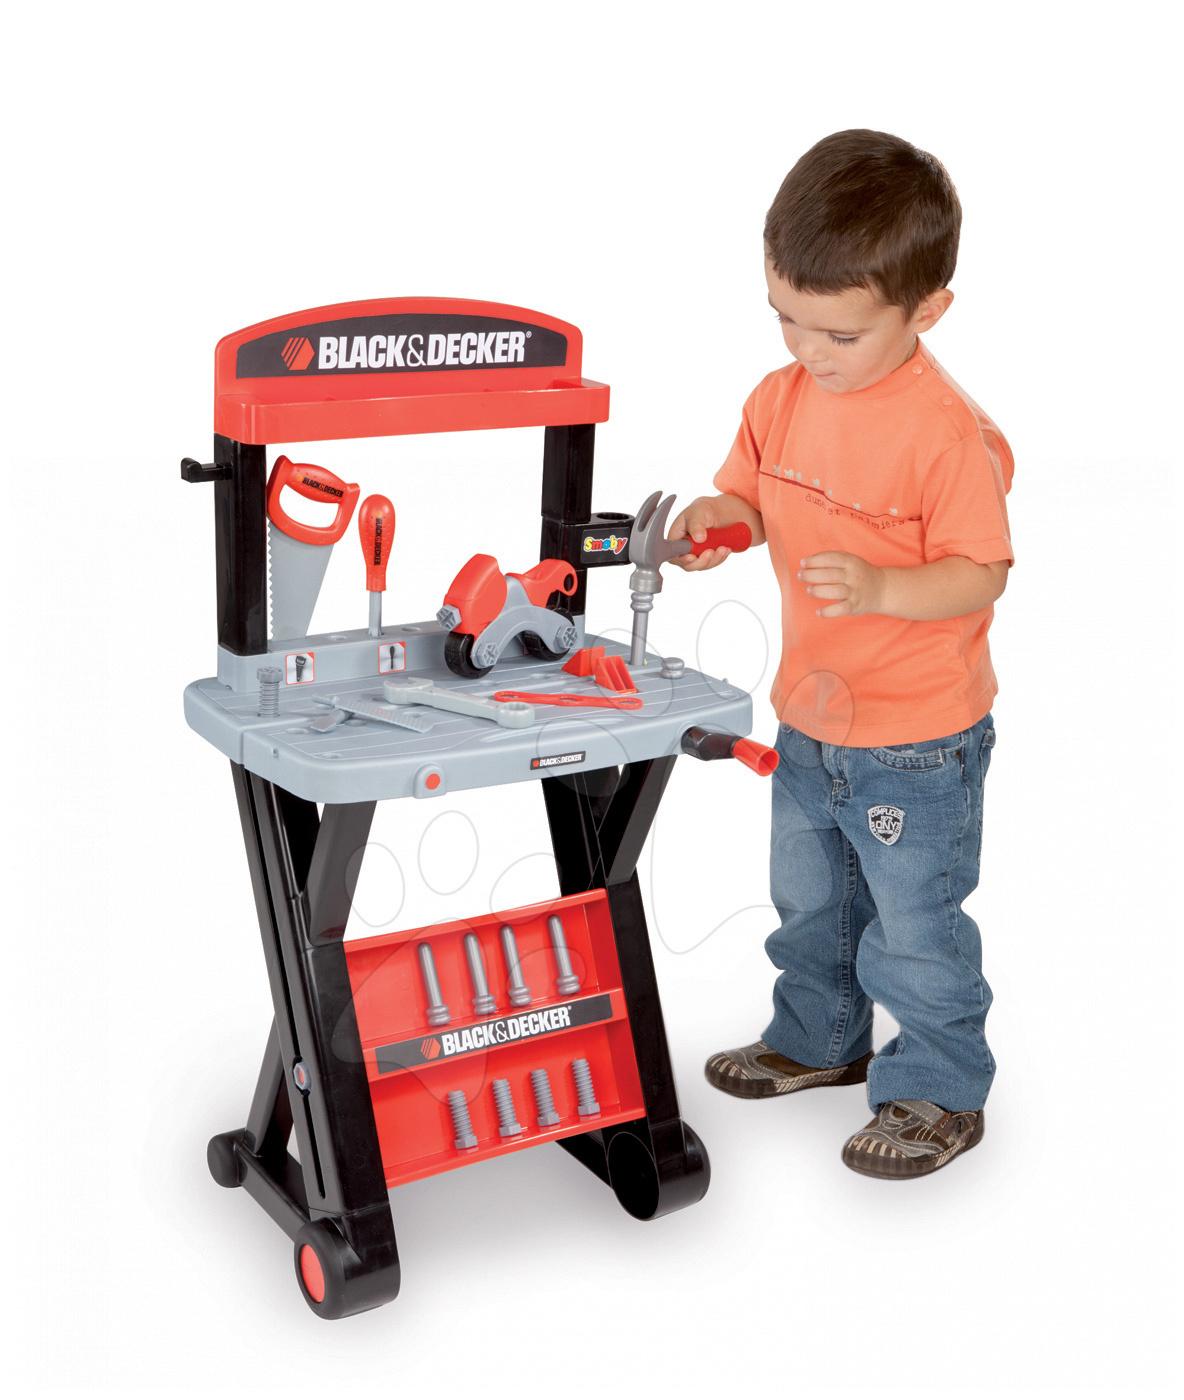 Pracovná detská dielňa - Pracovný stôl Black&Decker Premier Etabli Smoby s 20 doplnkami